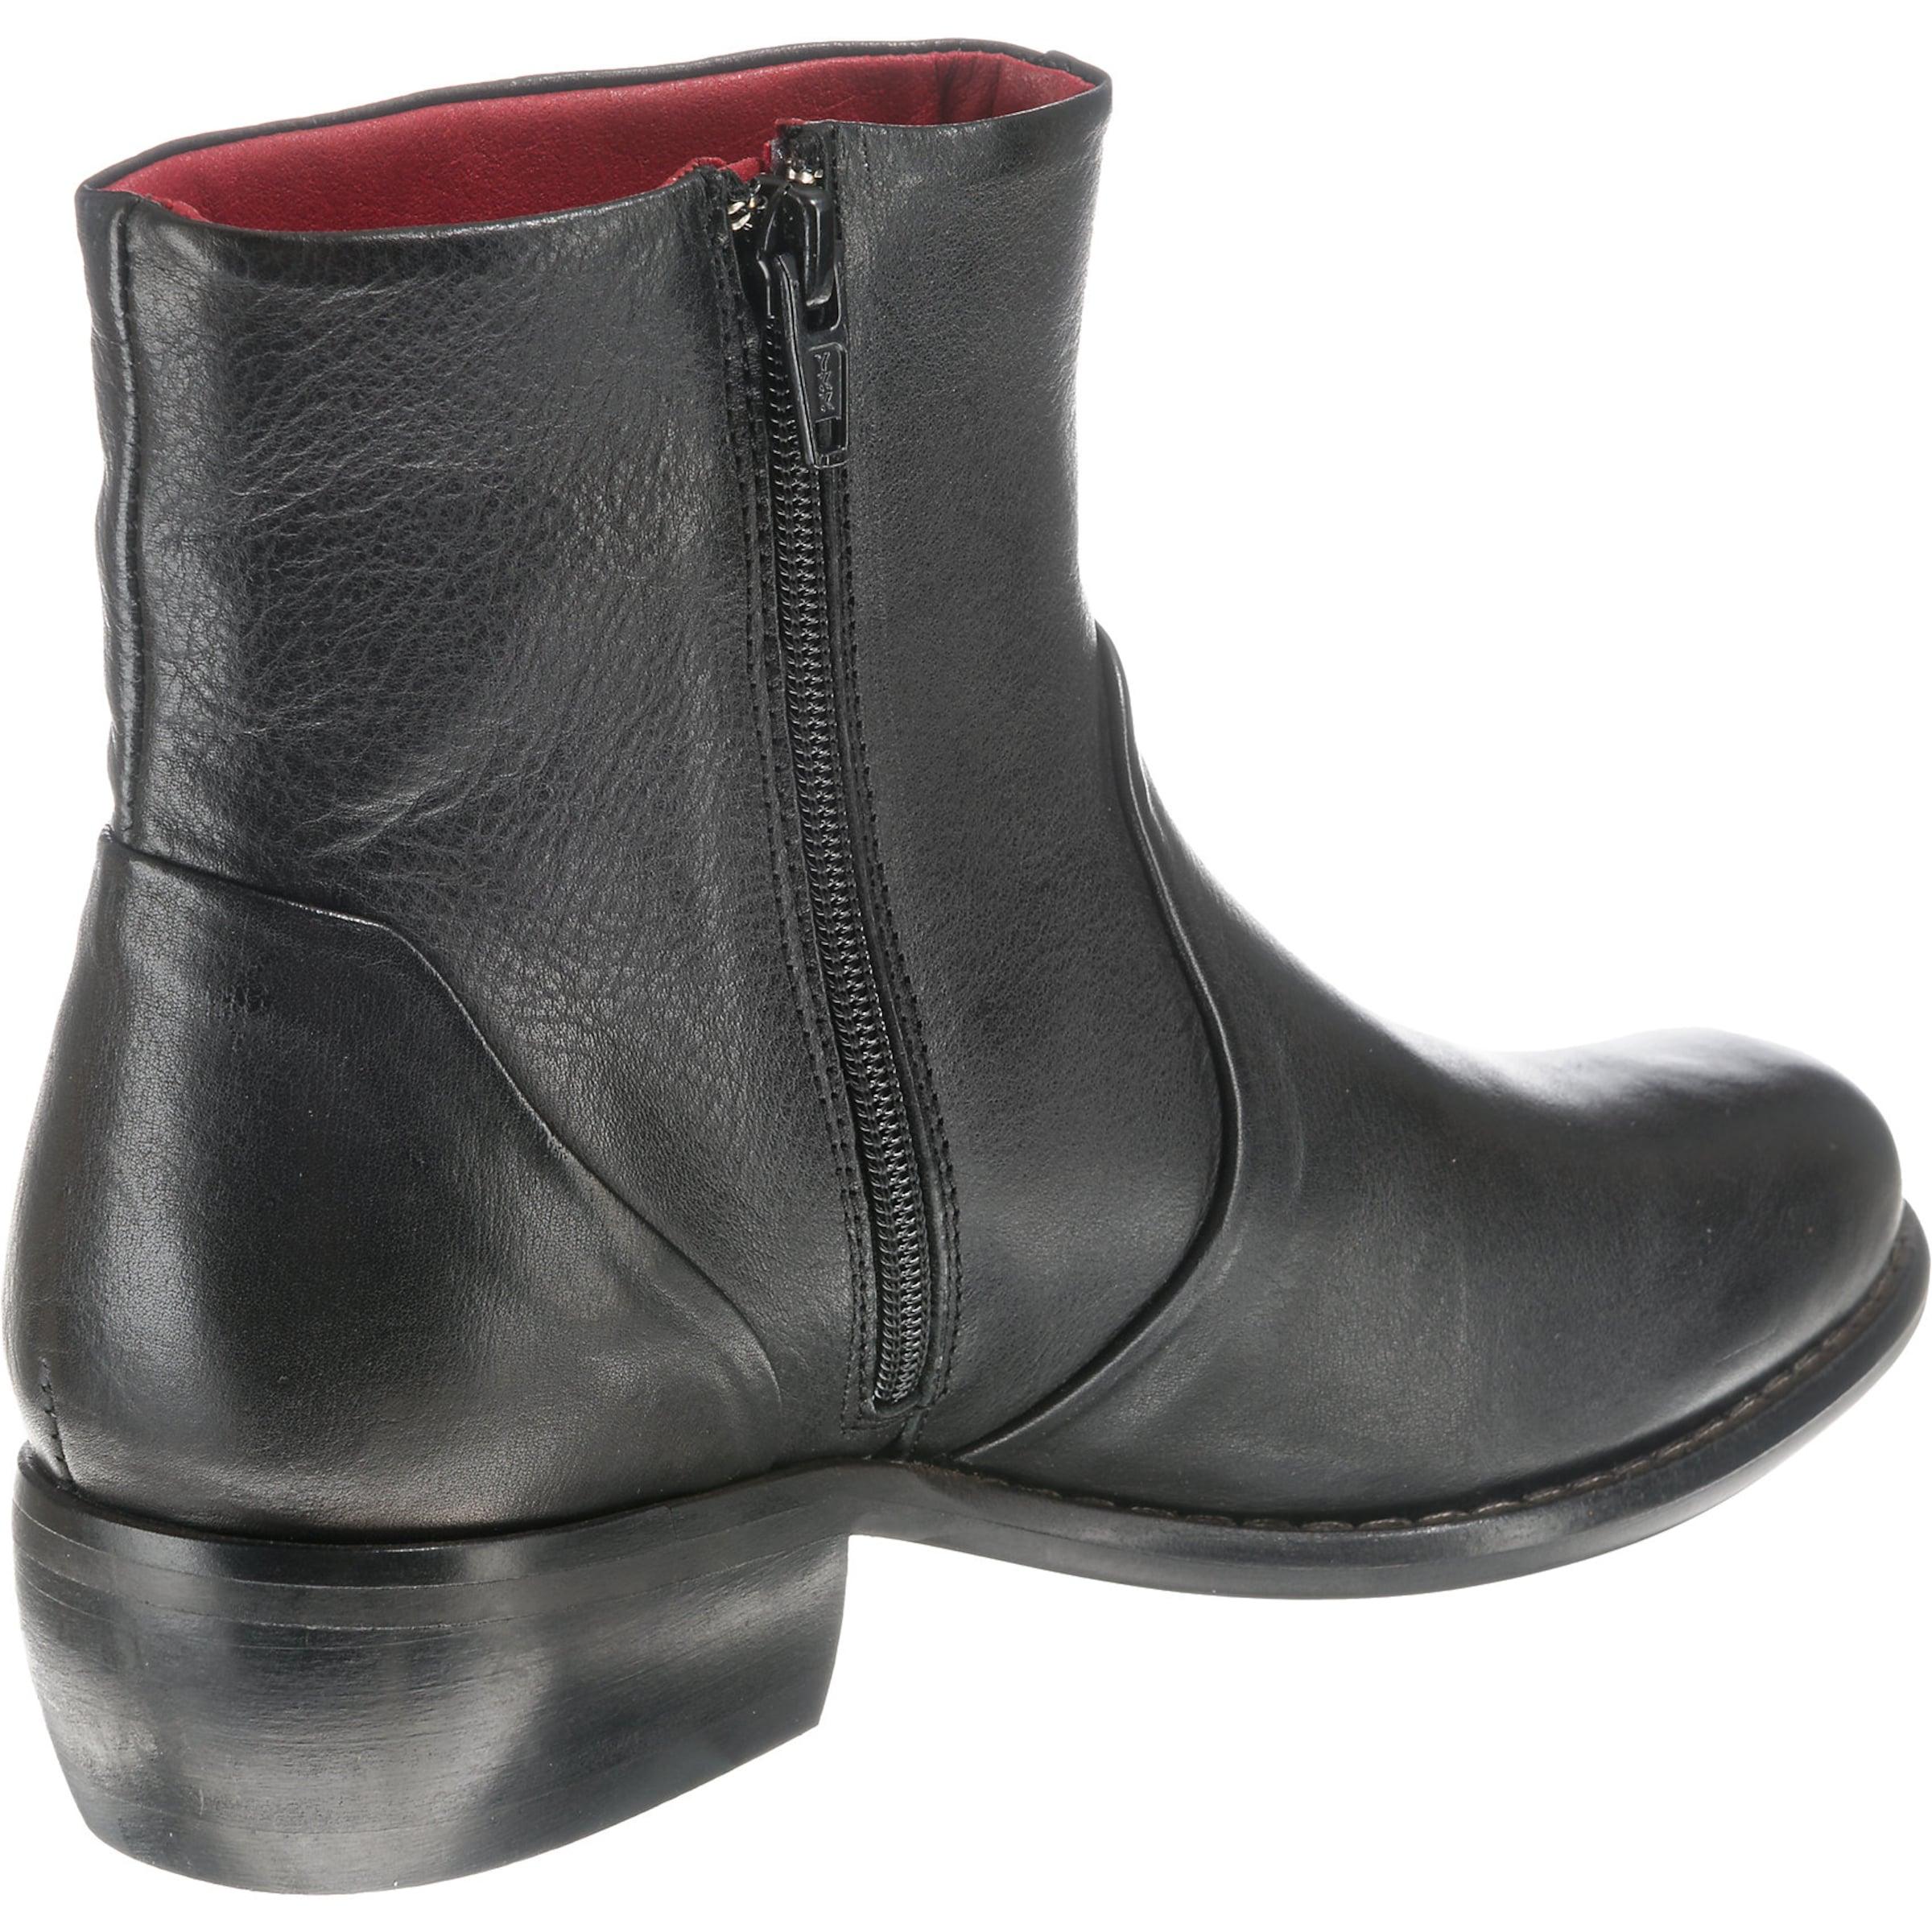 Ankle Schwarz In Buffalo Boots Buffalo 8wvOmNn0